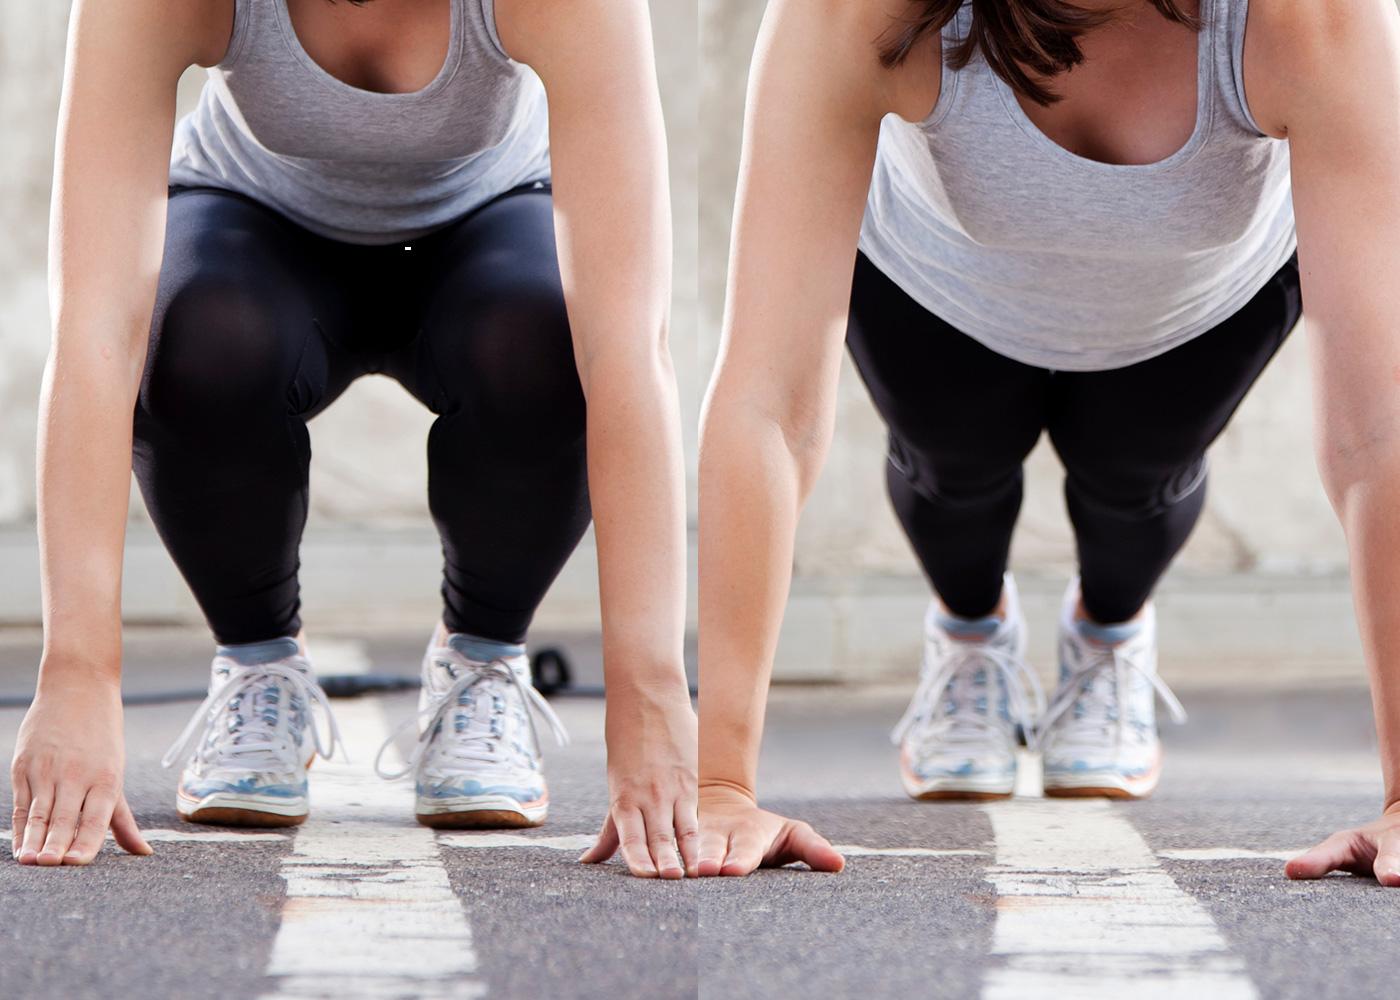 Treino de pernas ao ar livre: burpees sem flexão